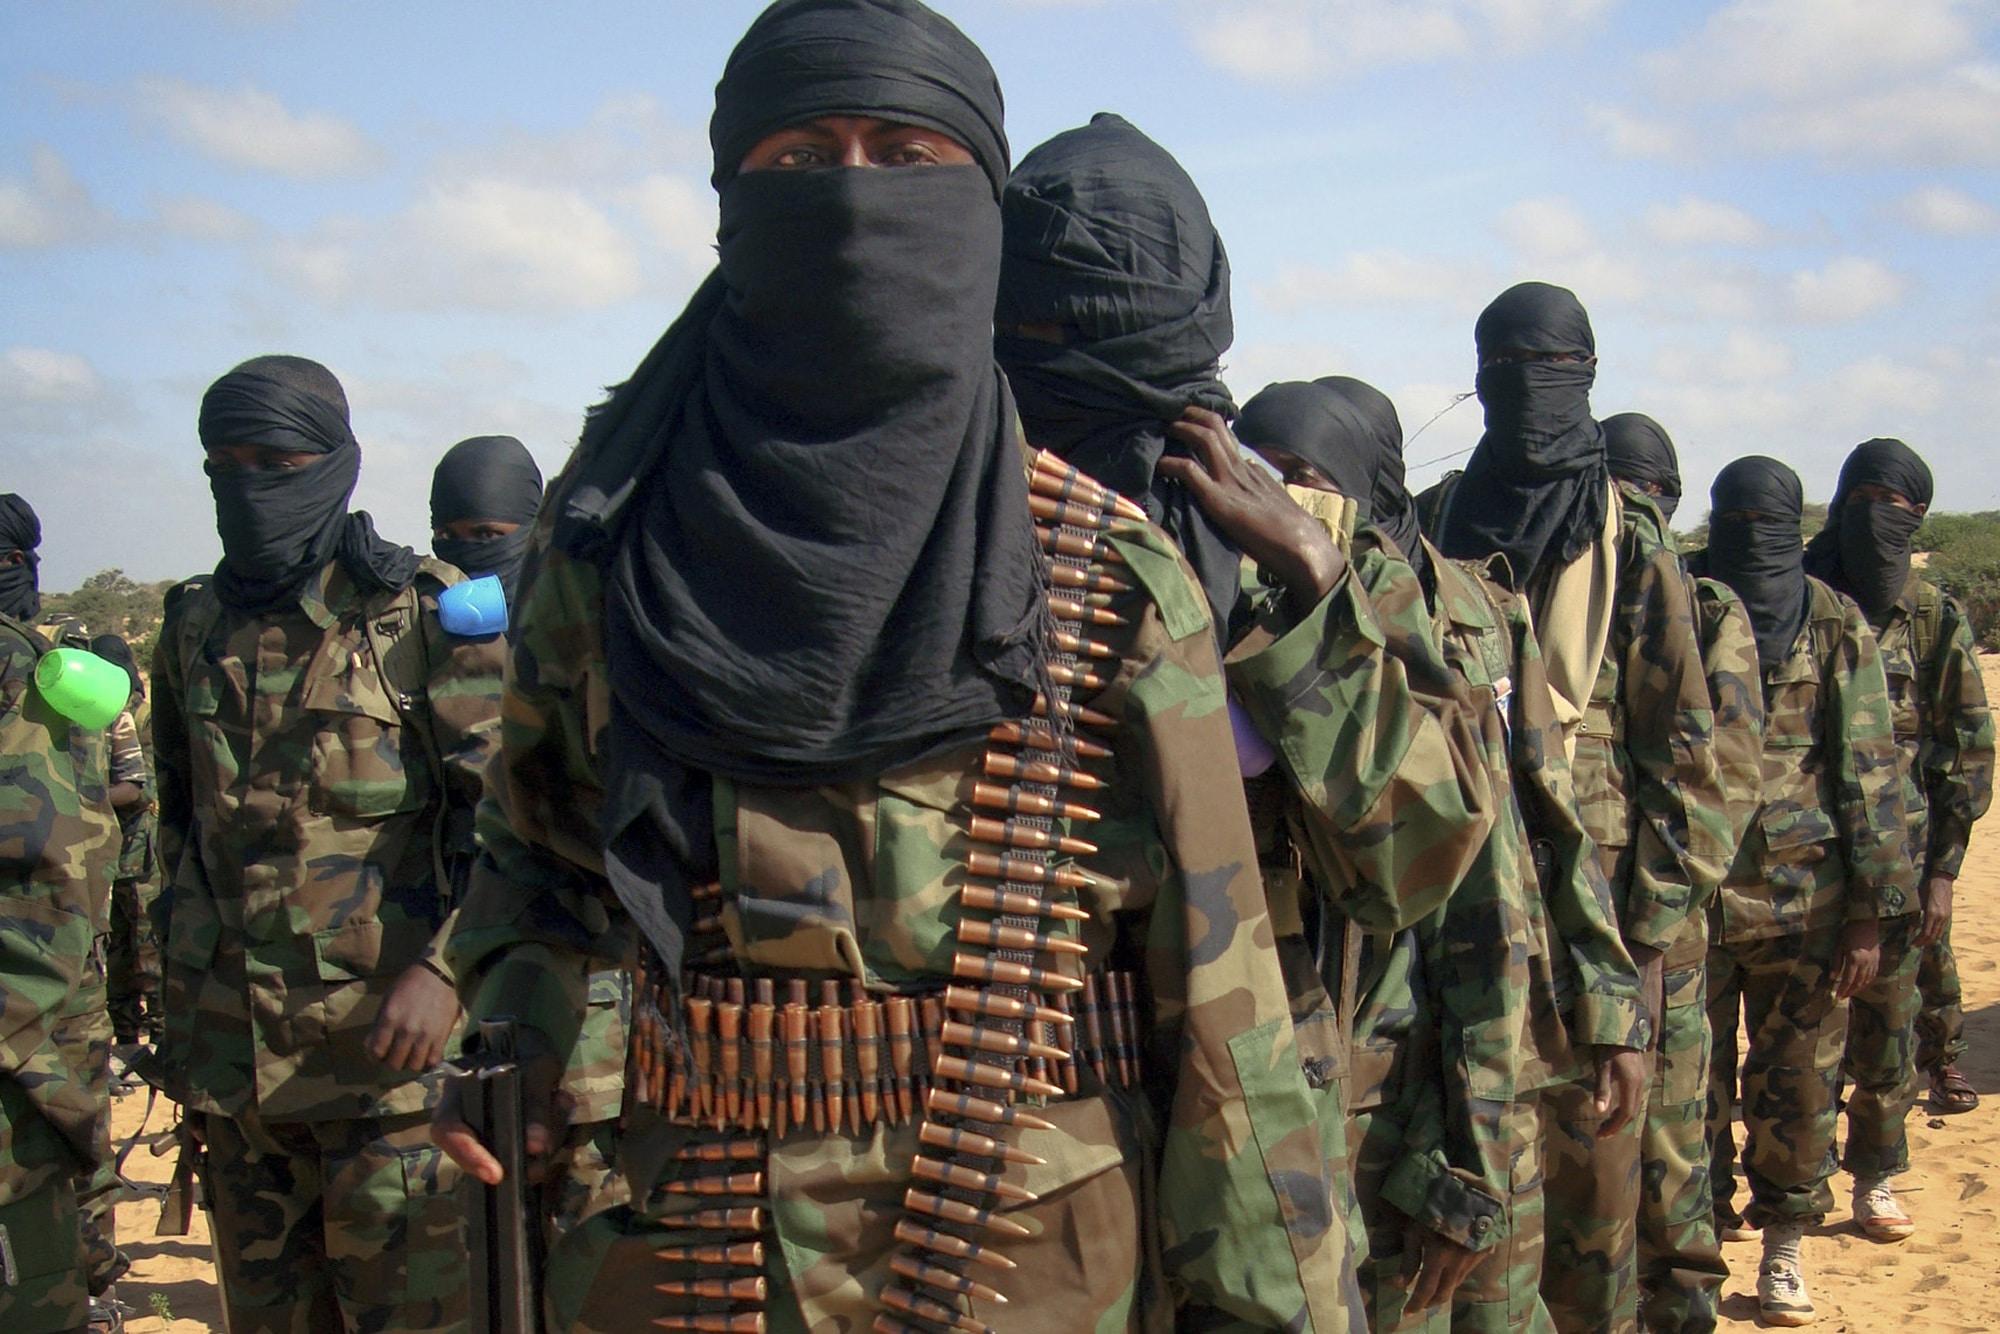 Боевики ИГИЛ опубликовали видео с казнью заложников в Париже